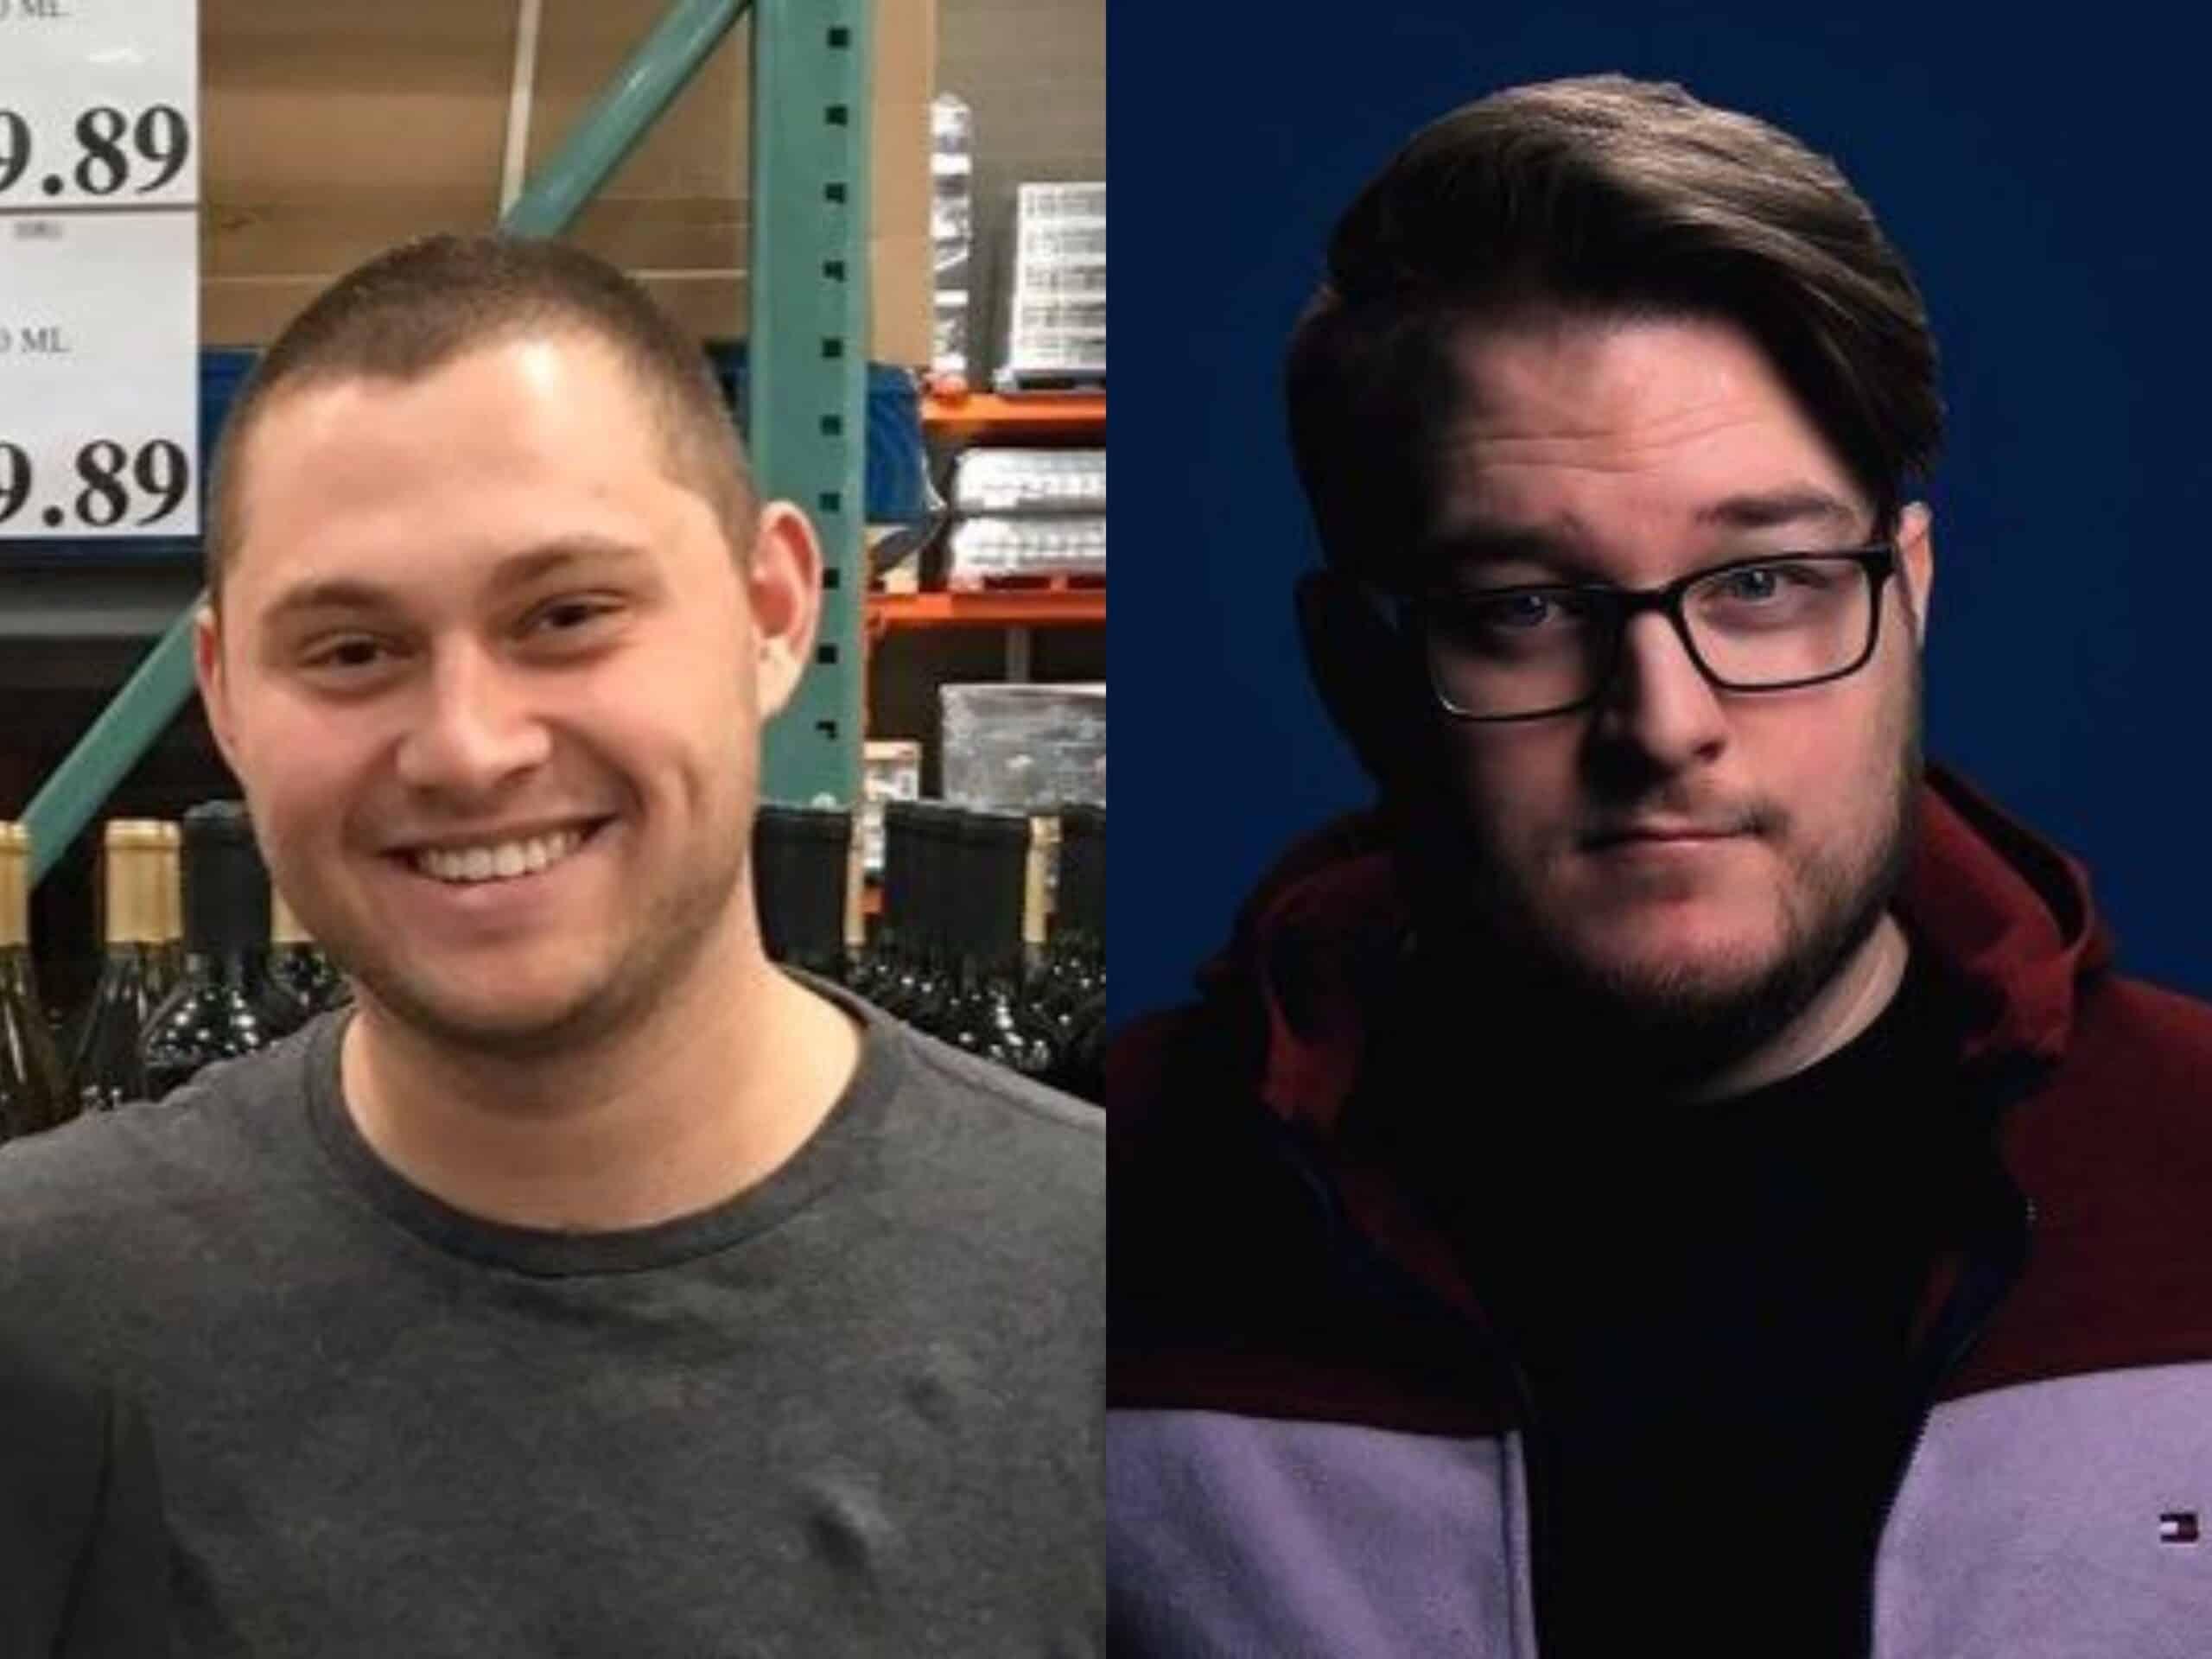 Gurman v Prosser: Debate on Apple AR glasses release!